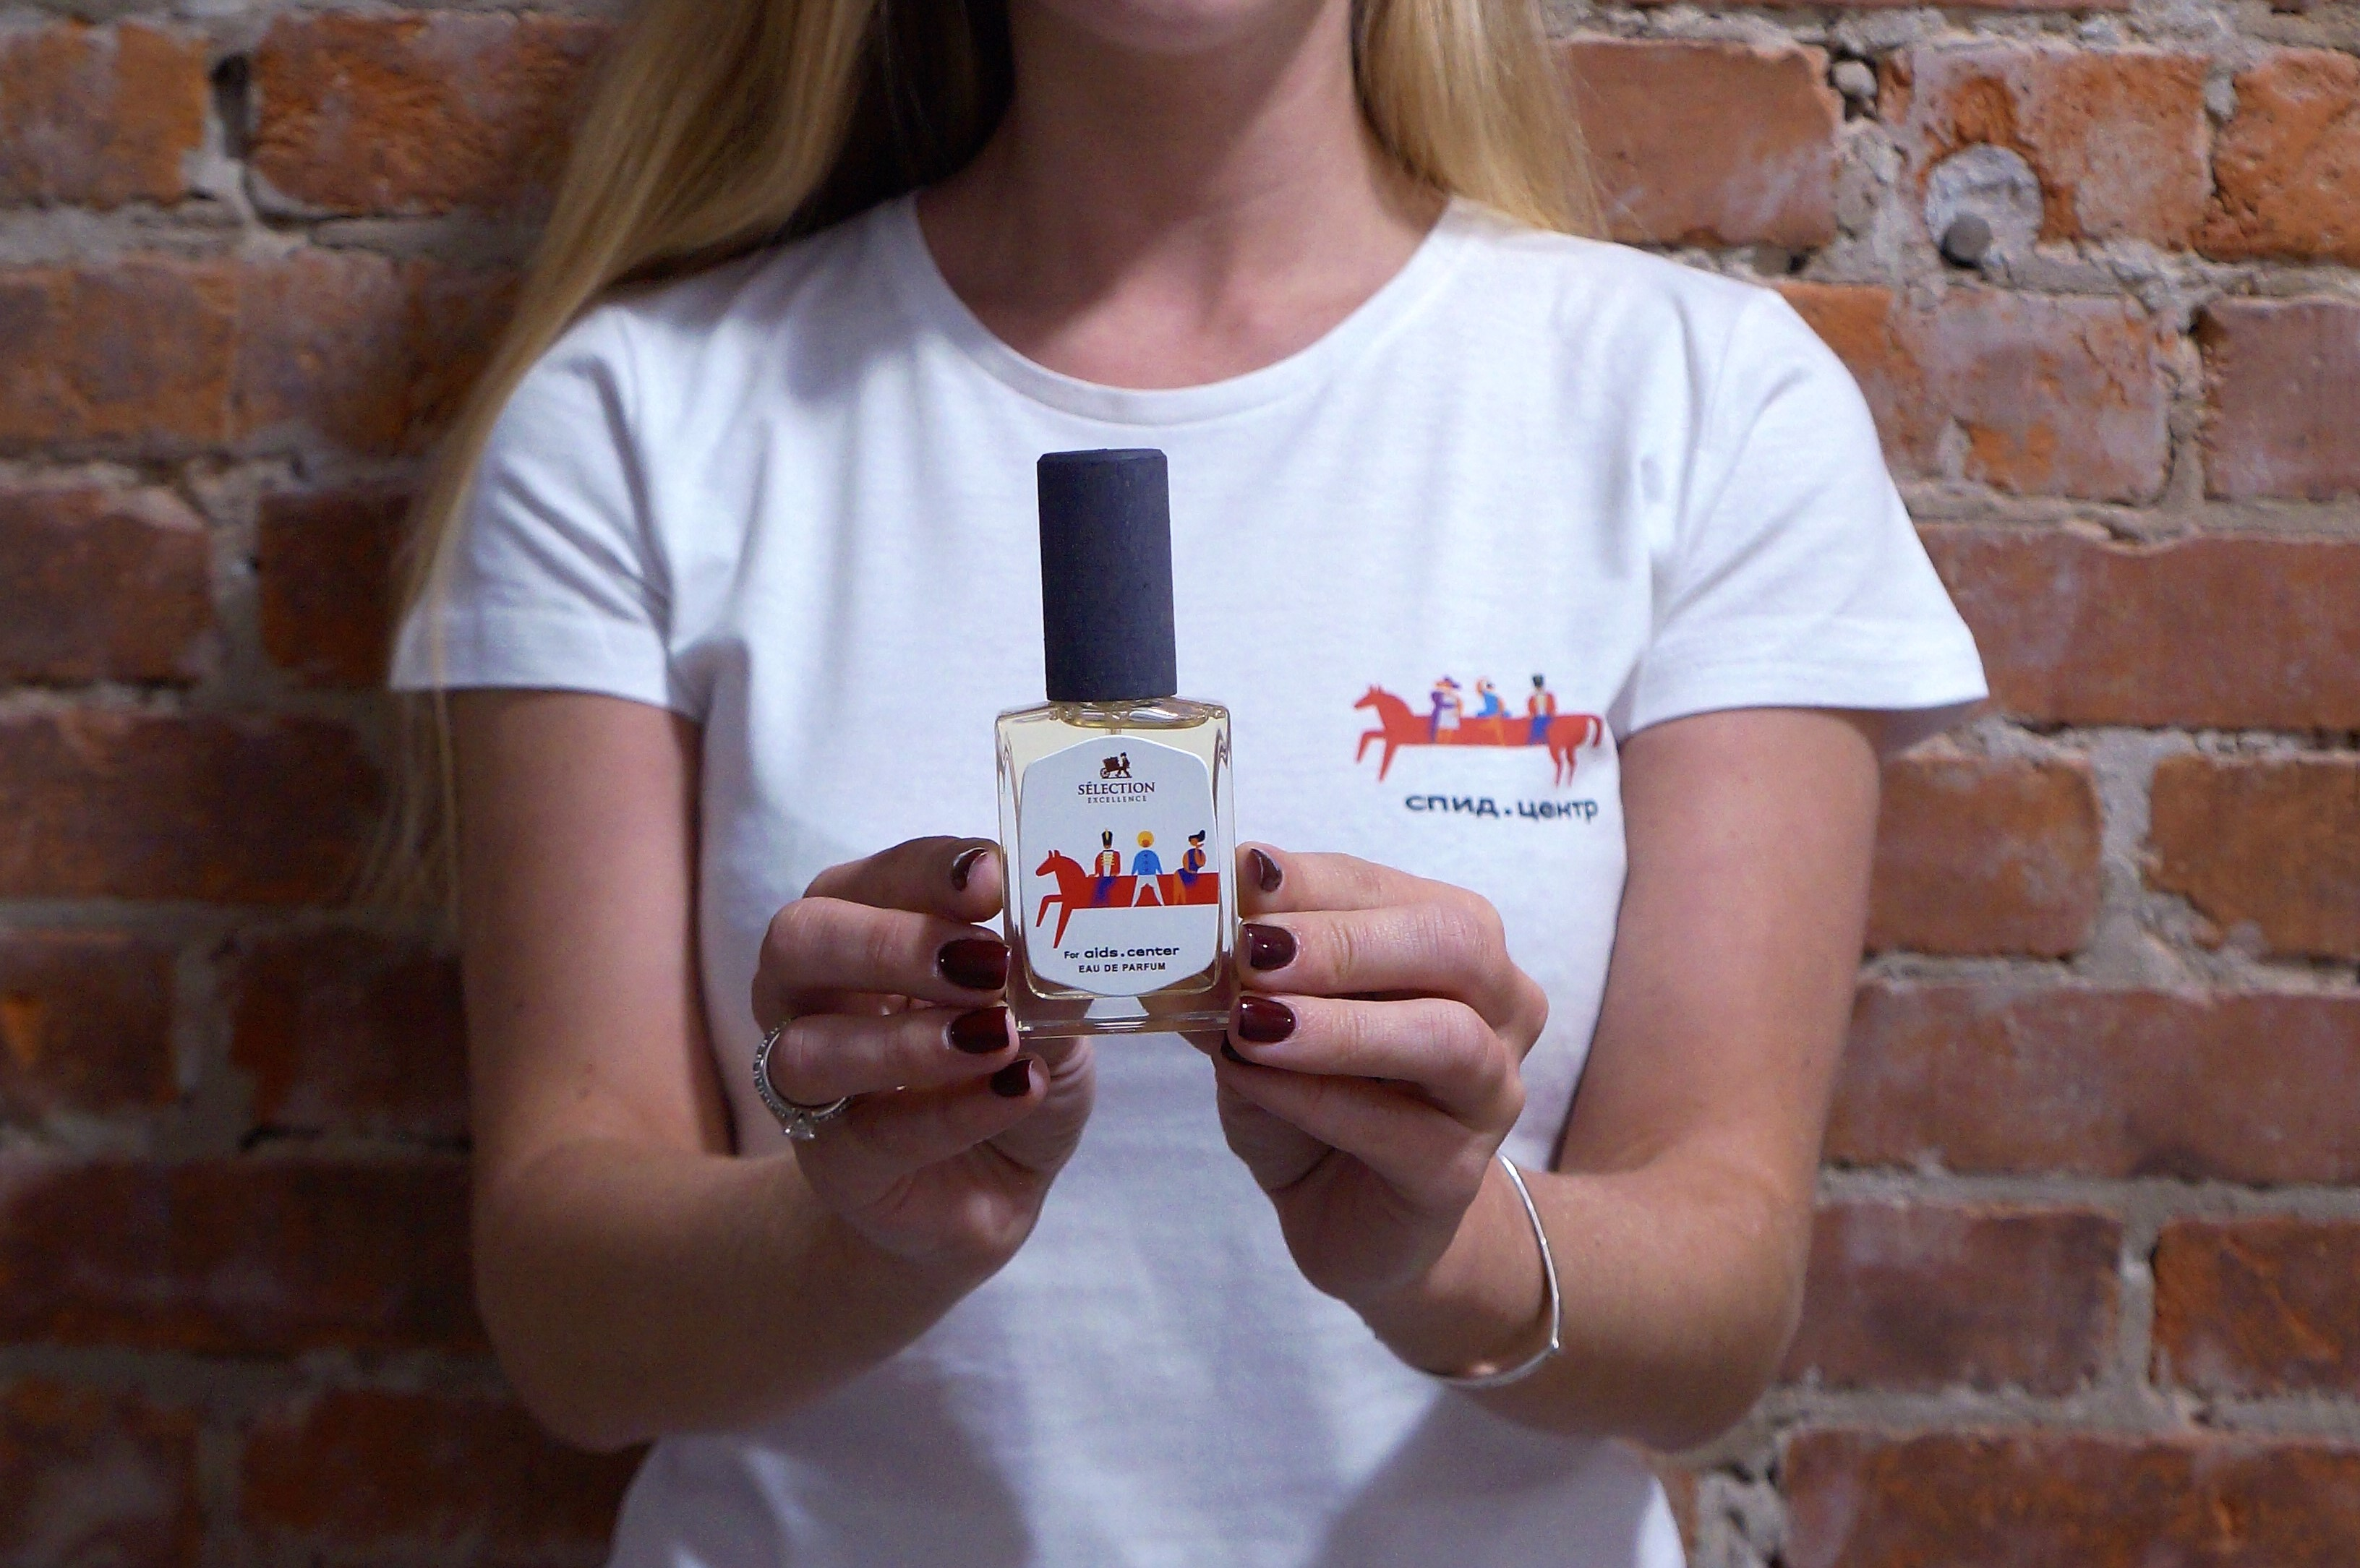 ВРоссии выпустили парфюм вподдержку борьбы соСПИДом